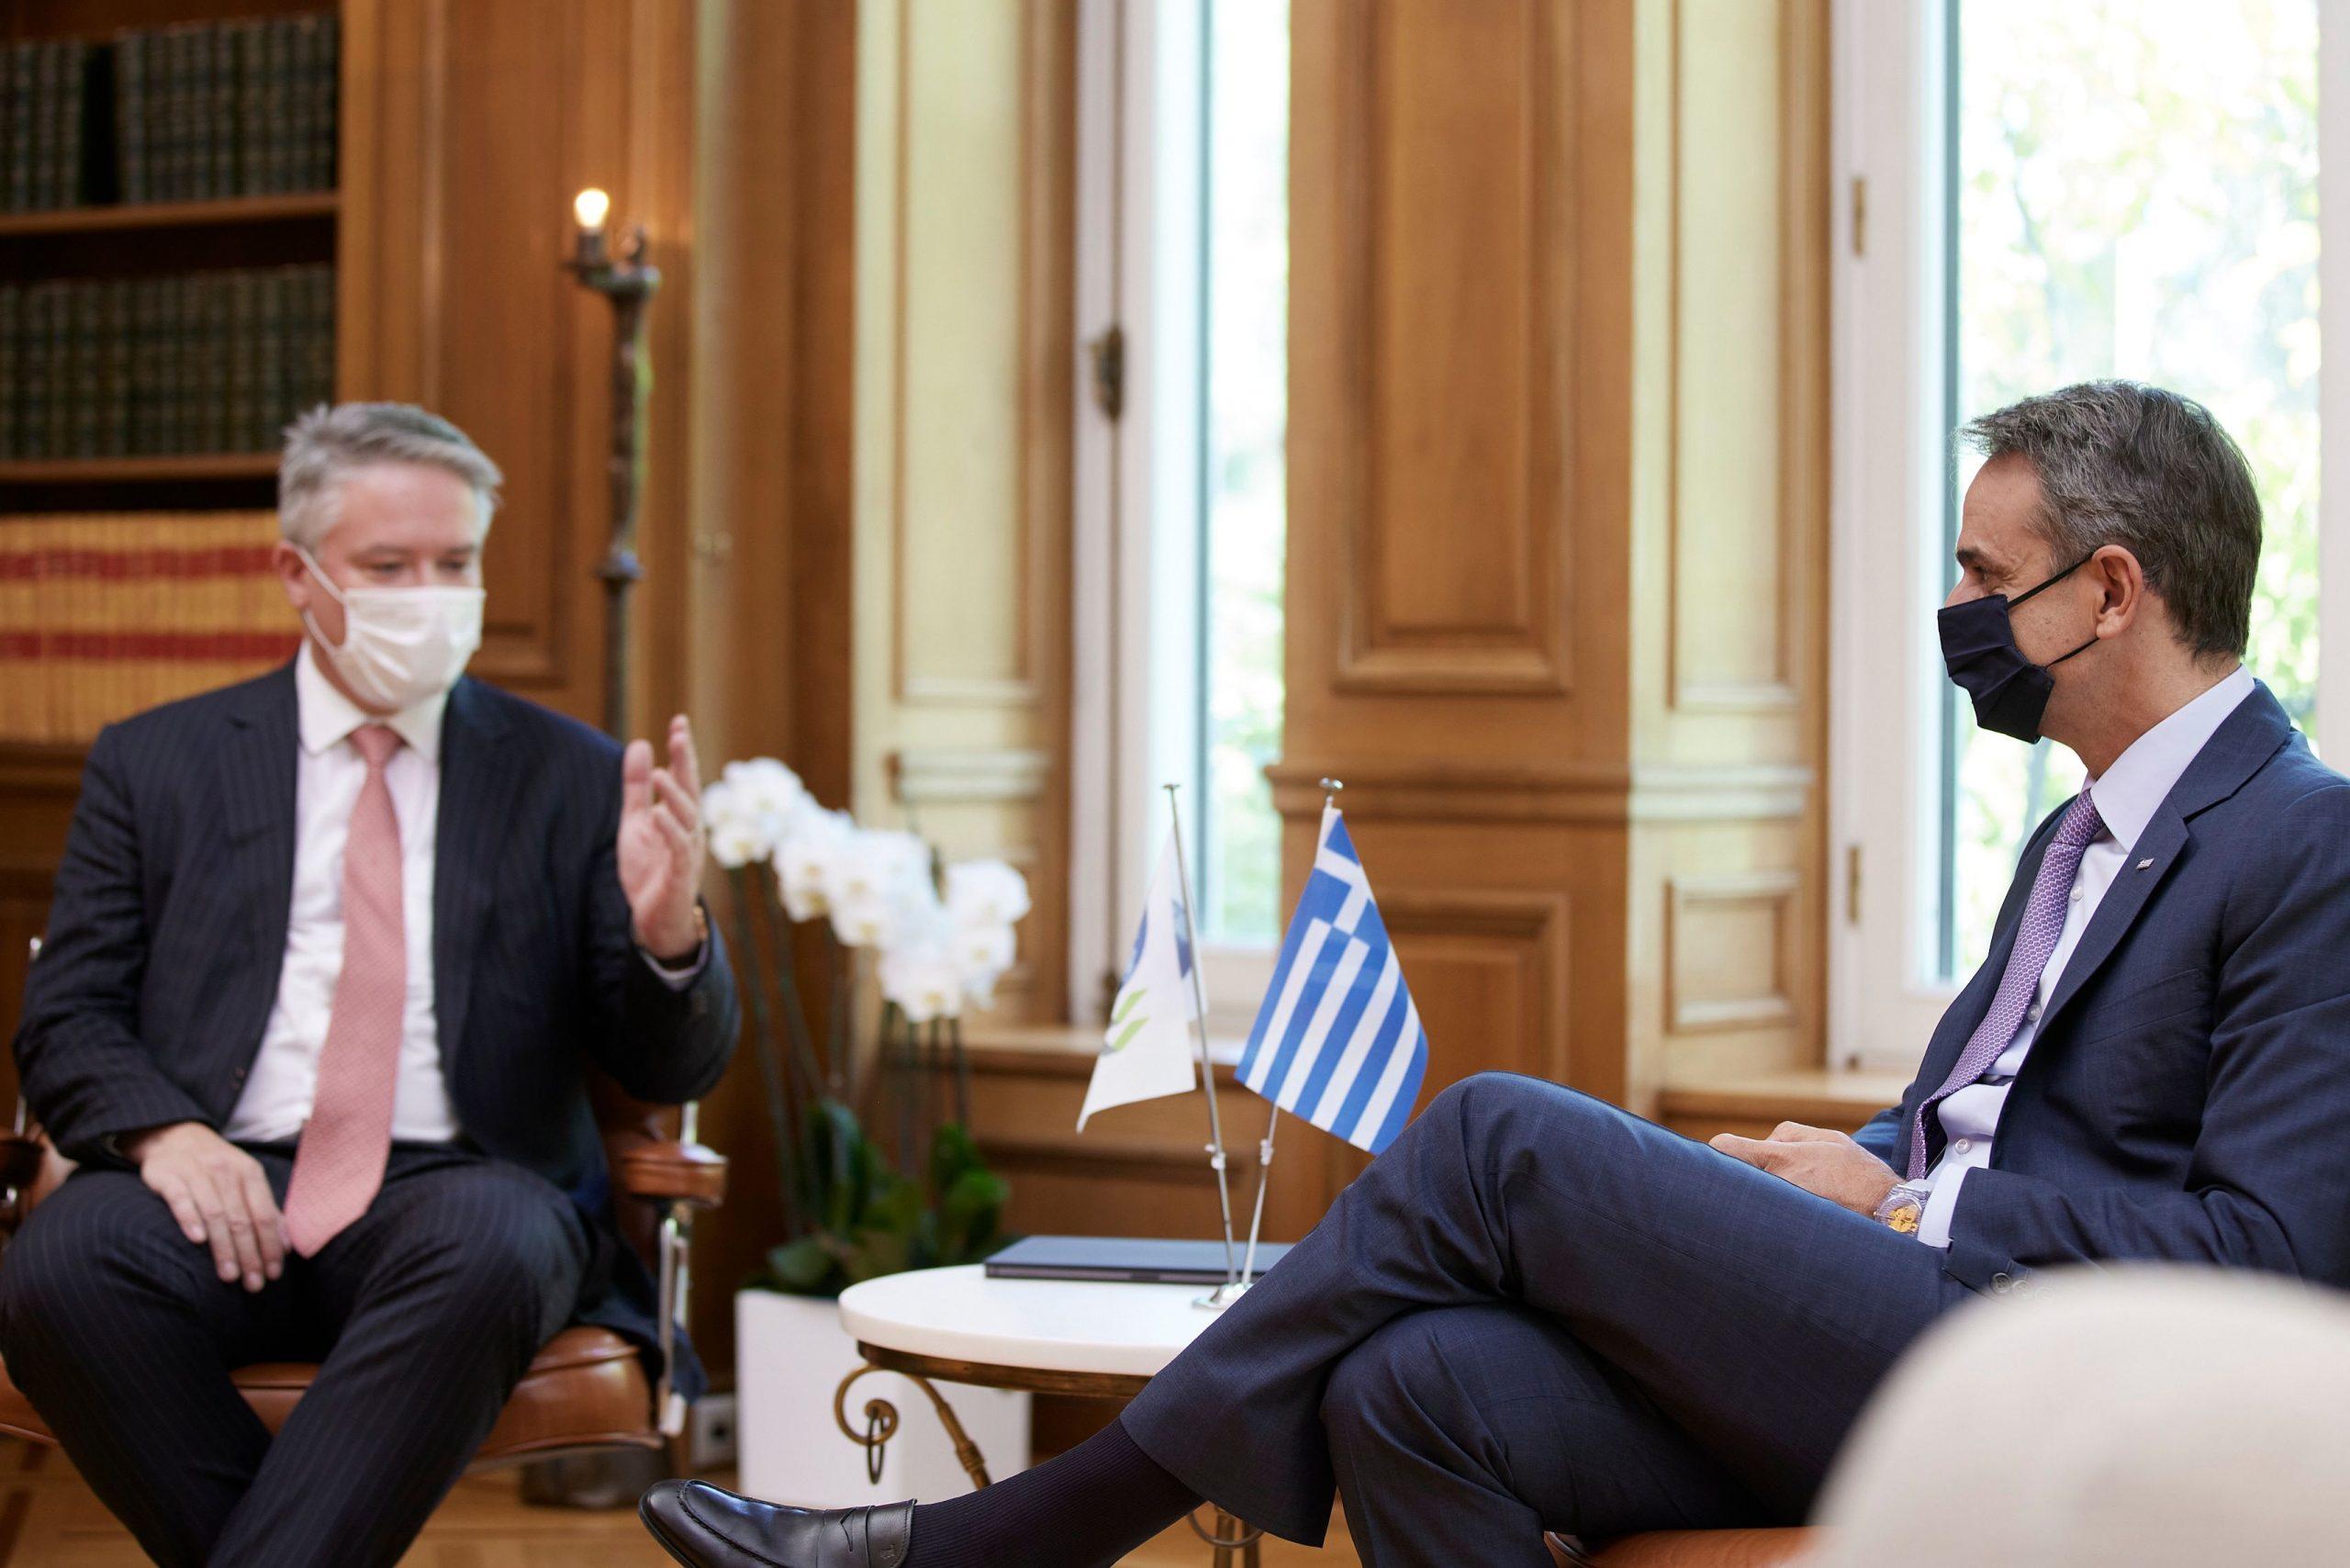 Κυρ. Μητσοτάκης: Η παγκόσμια ανάκαμψη οφείλει να συνδυασθεί με τον περιορισμό της ανισότητας – Tι ειπώθηκε στη συνάντηση με τον Mathias Cormann